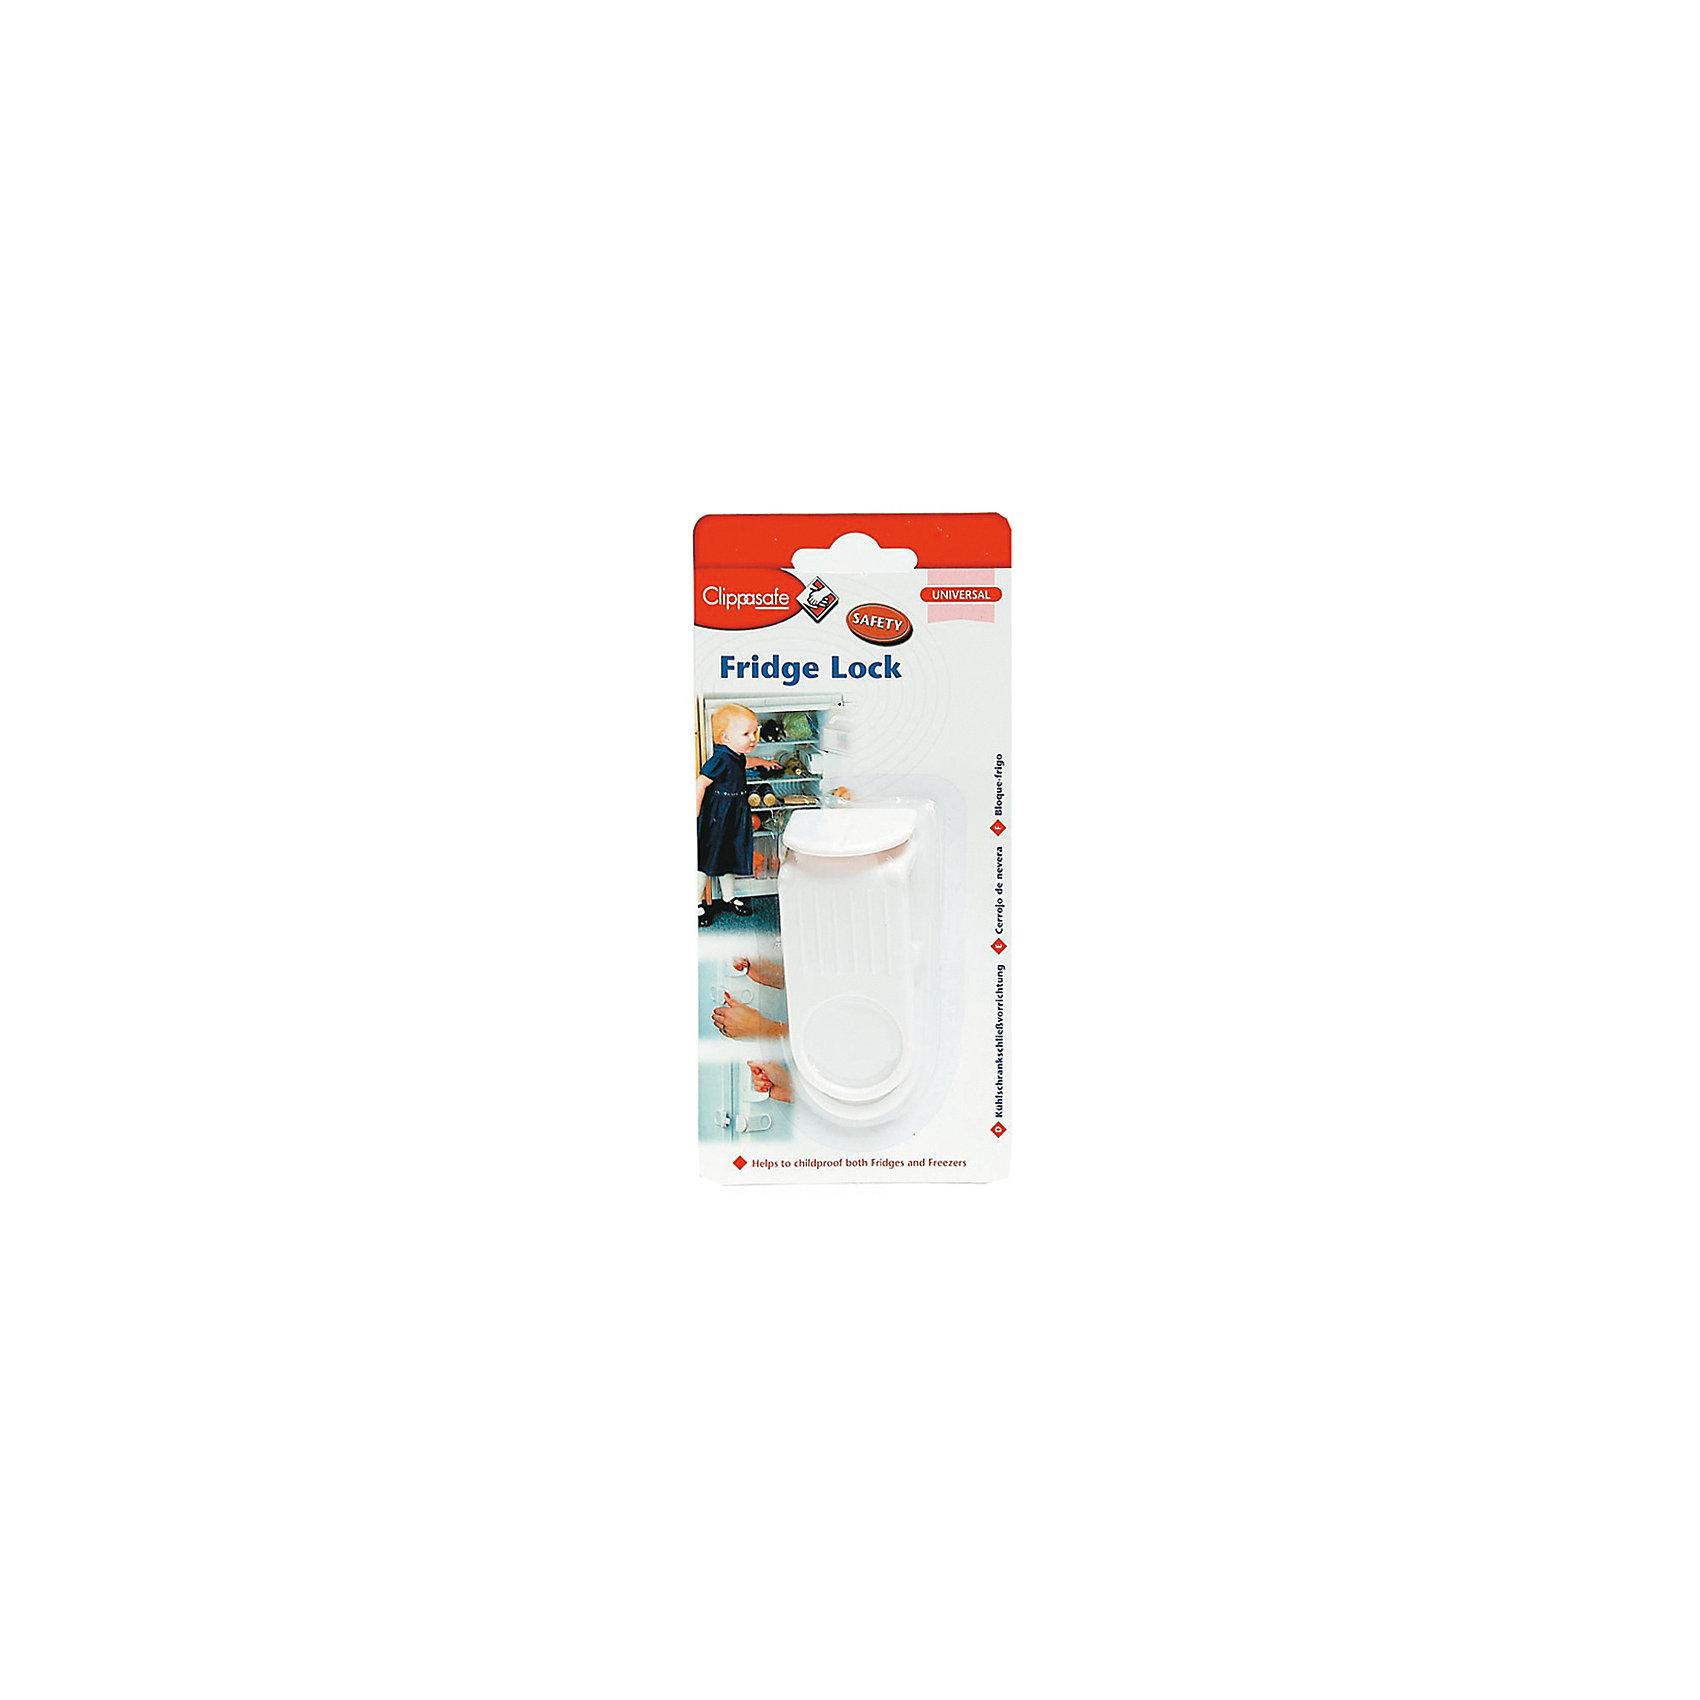 Блокатор межкомнатных дверей, напольный, ClippasafeБлокирующие и защитные устройства для дома<br>Идеальный вариант для фиксирования межкомнатной двери во избежание захлопывания и повреждения пальцев детей и ударов об открытую дверь.<br><br>Дополнительная информация:<br><br>- Крепится к полу с помощью липучек.<br>- Цвет: белый.<br><br>Ширина мм: 300<br>Глубина мм: 200<br>Высота мм: 180<br>Вес г: 100<br>Возраст от месяцев: 0<br>Возраст до месяцев: 36<br>Пол: Унисекс<br>Возраст: Детский<br>SKU: 6853539